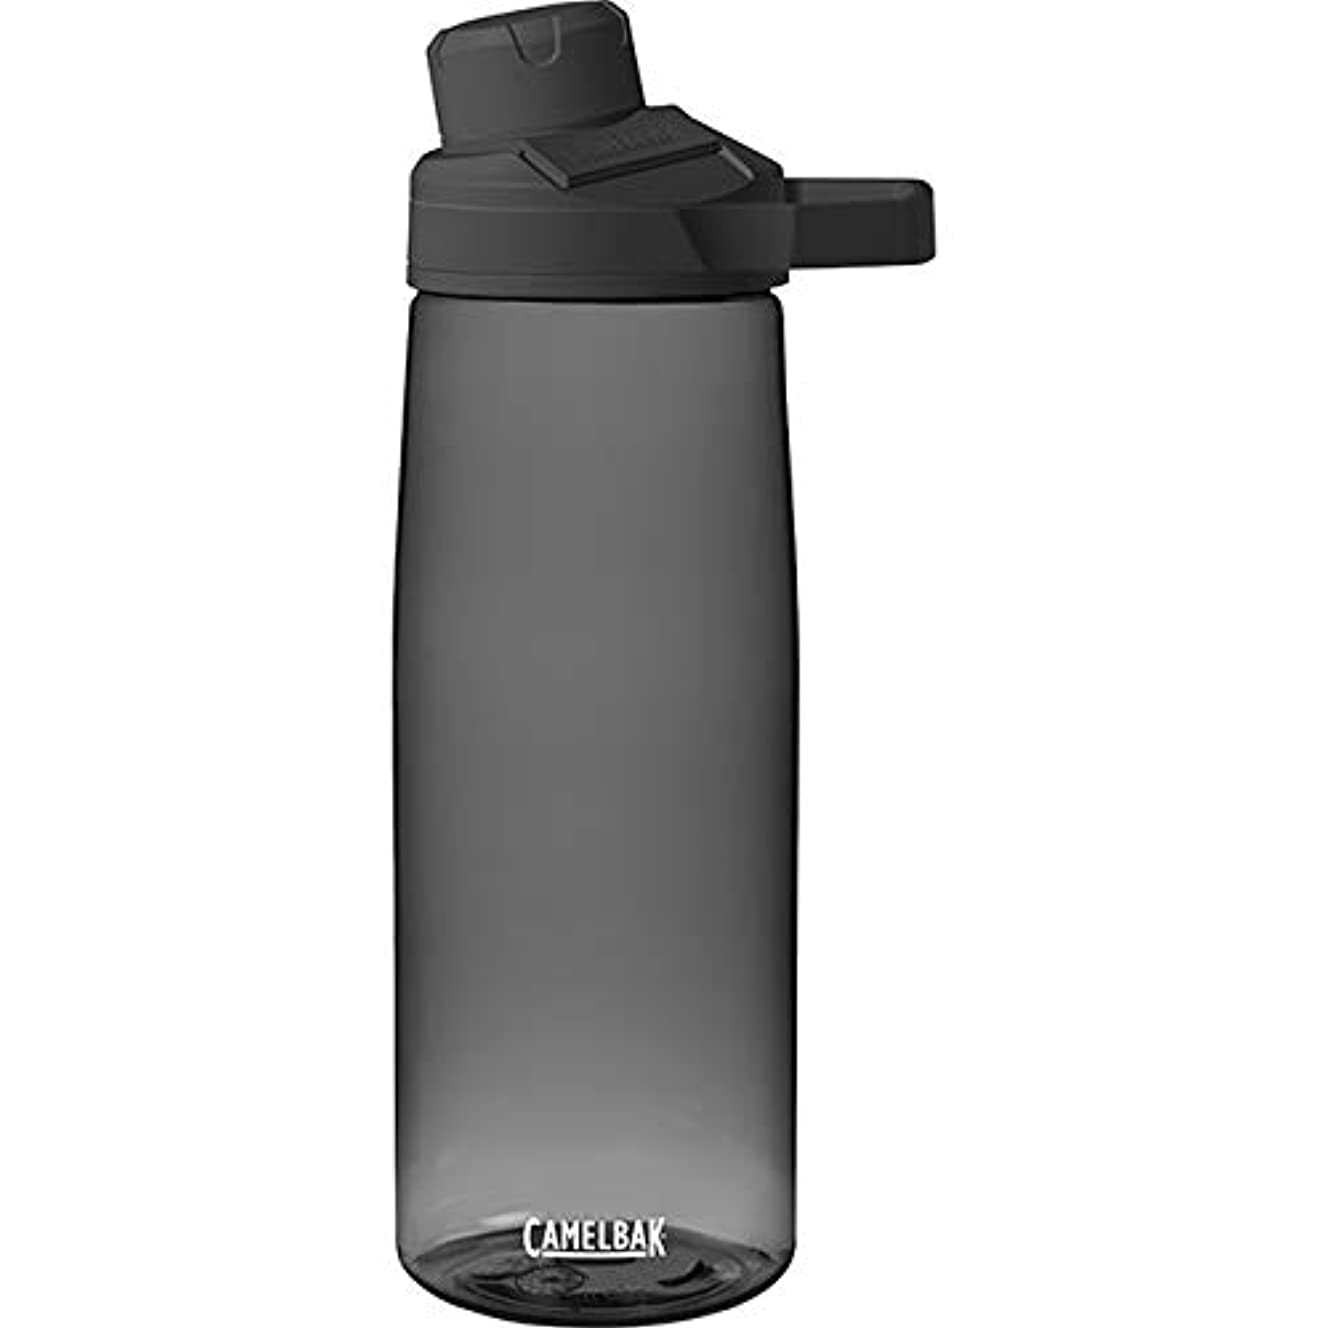 CamelBak Chute Mag Water Bottle, BPA-Free